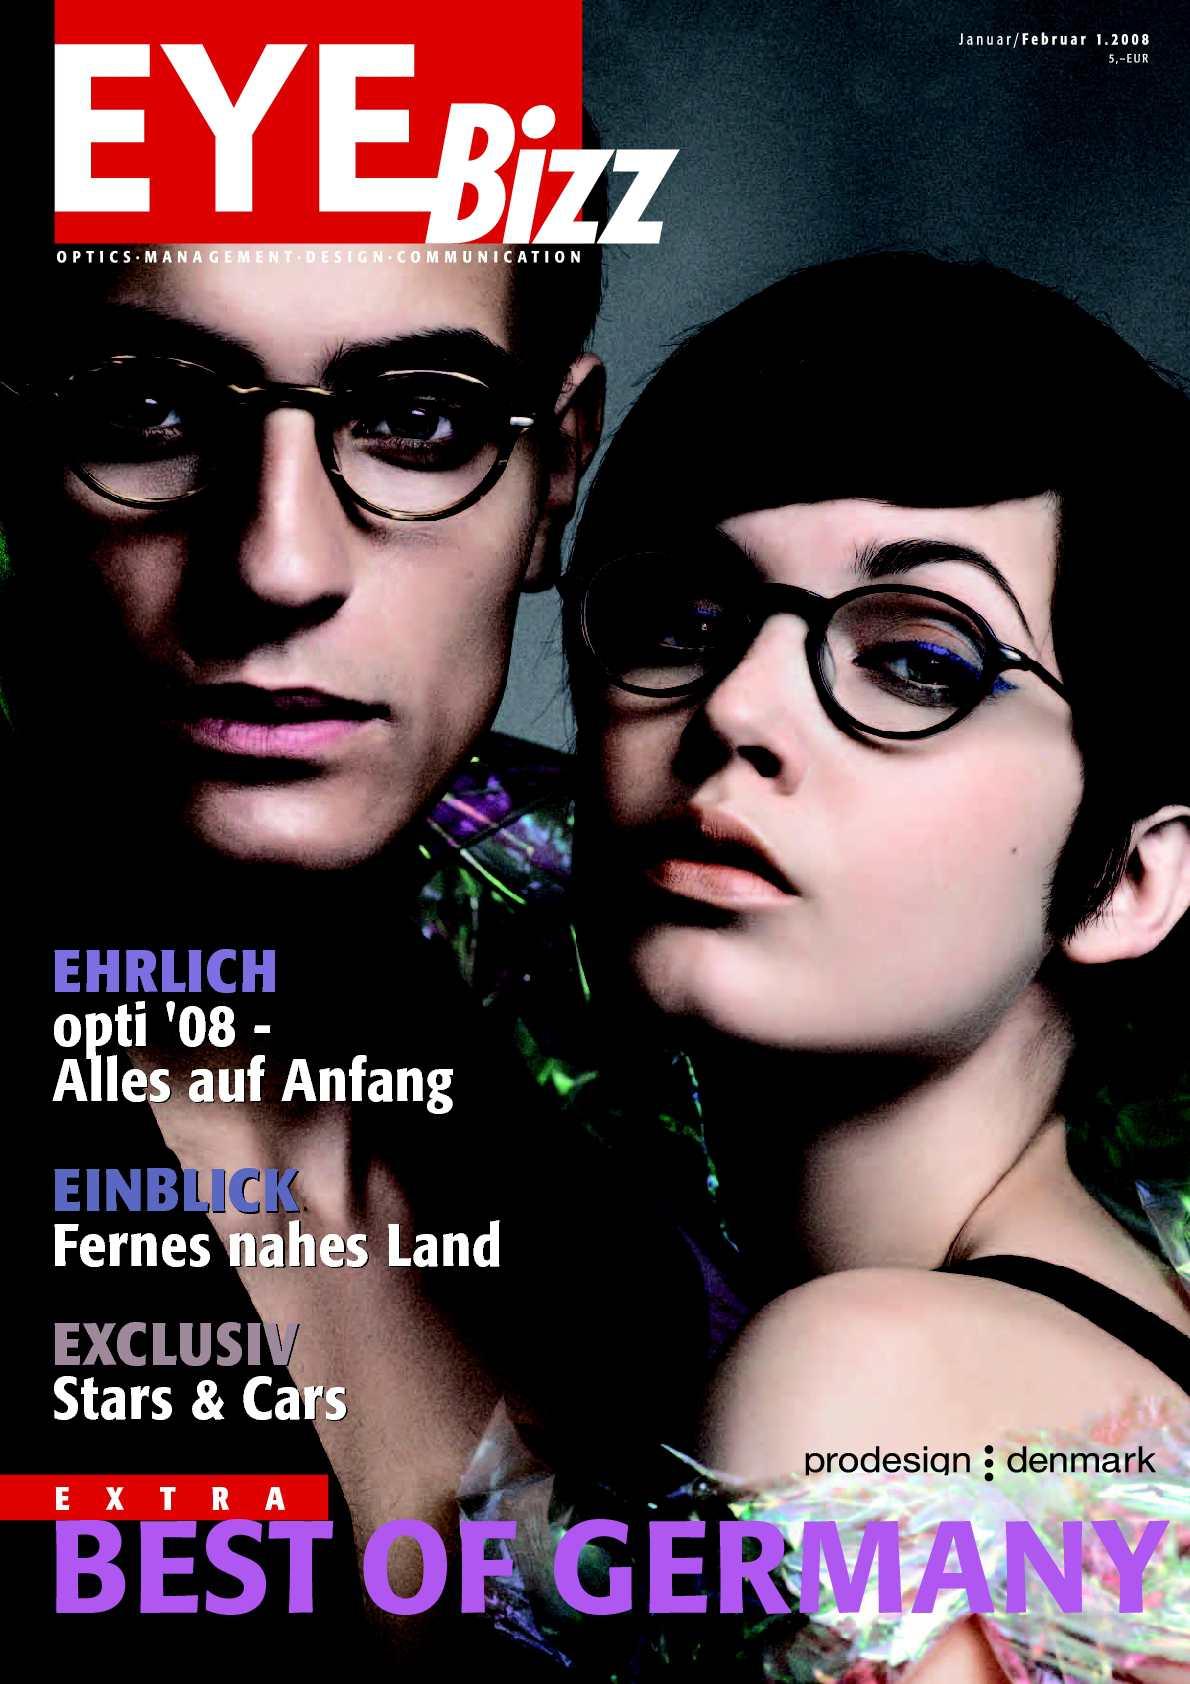 Sinnvoll 310 Titan Legierung Optische Rahmen Brillen Männer Halb Randlose Myopie Für Männer Progressive Gläser Computer Brille Korrektionsbrillen Herren-brillen